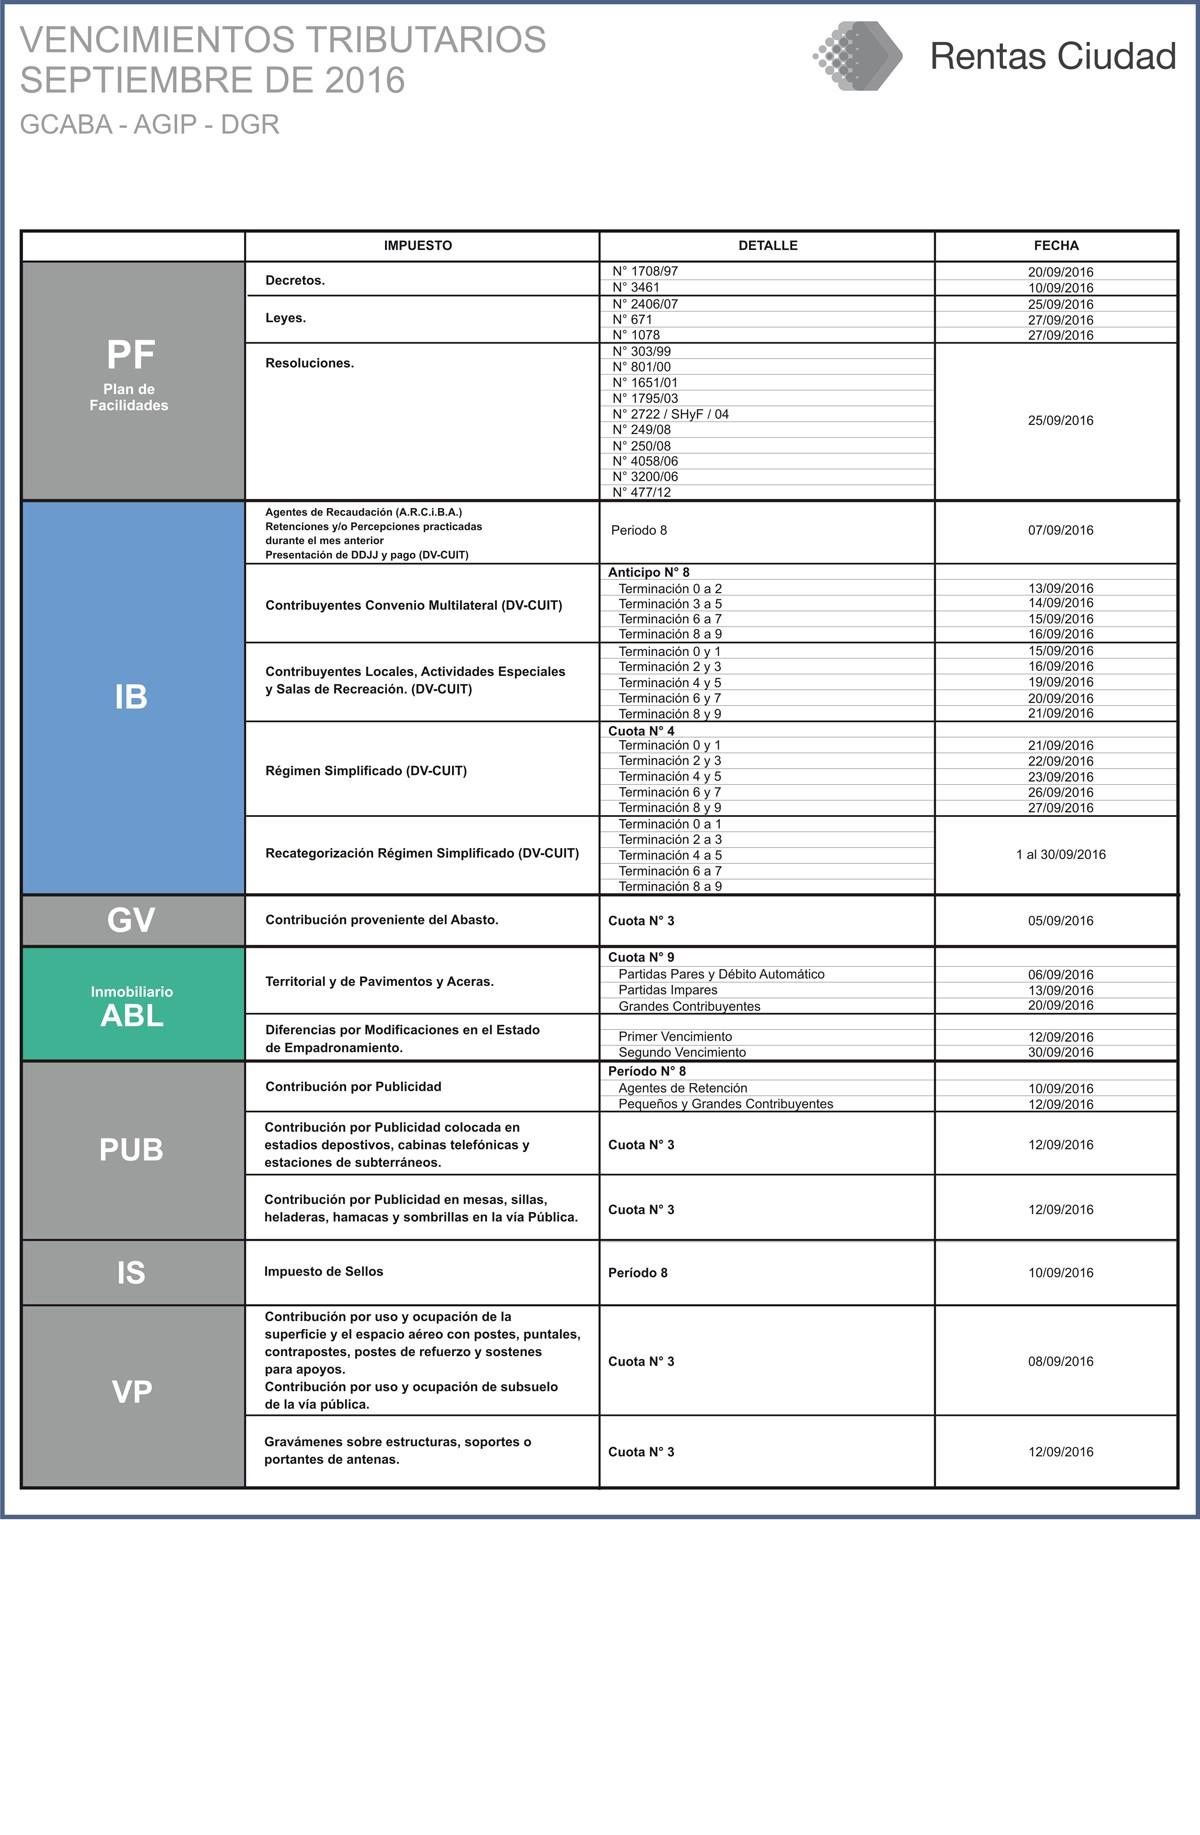 Imprimir Calendario Julio Agosto Y Septiembre 2019 Más Actual Agip Calendario Mensual Of Imprimir Calendario Julio Agosto Y Septiembre 2019 Más Recientes 12 Calendarios De Descarga Gratis Calendarios 2016 Para Imprimir